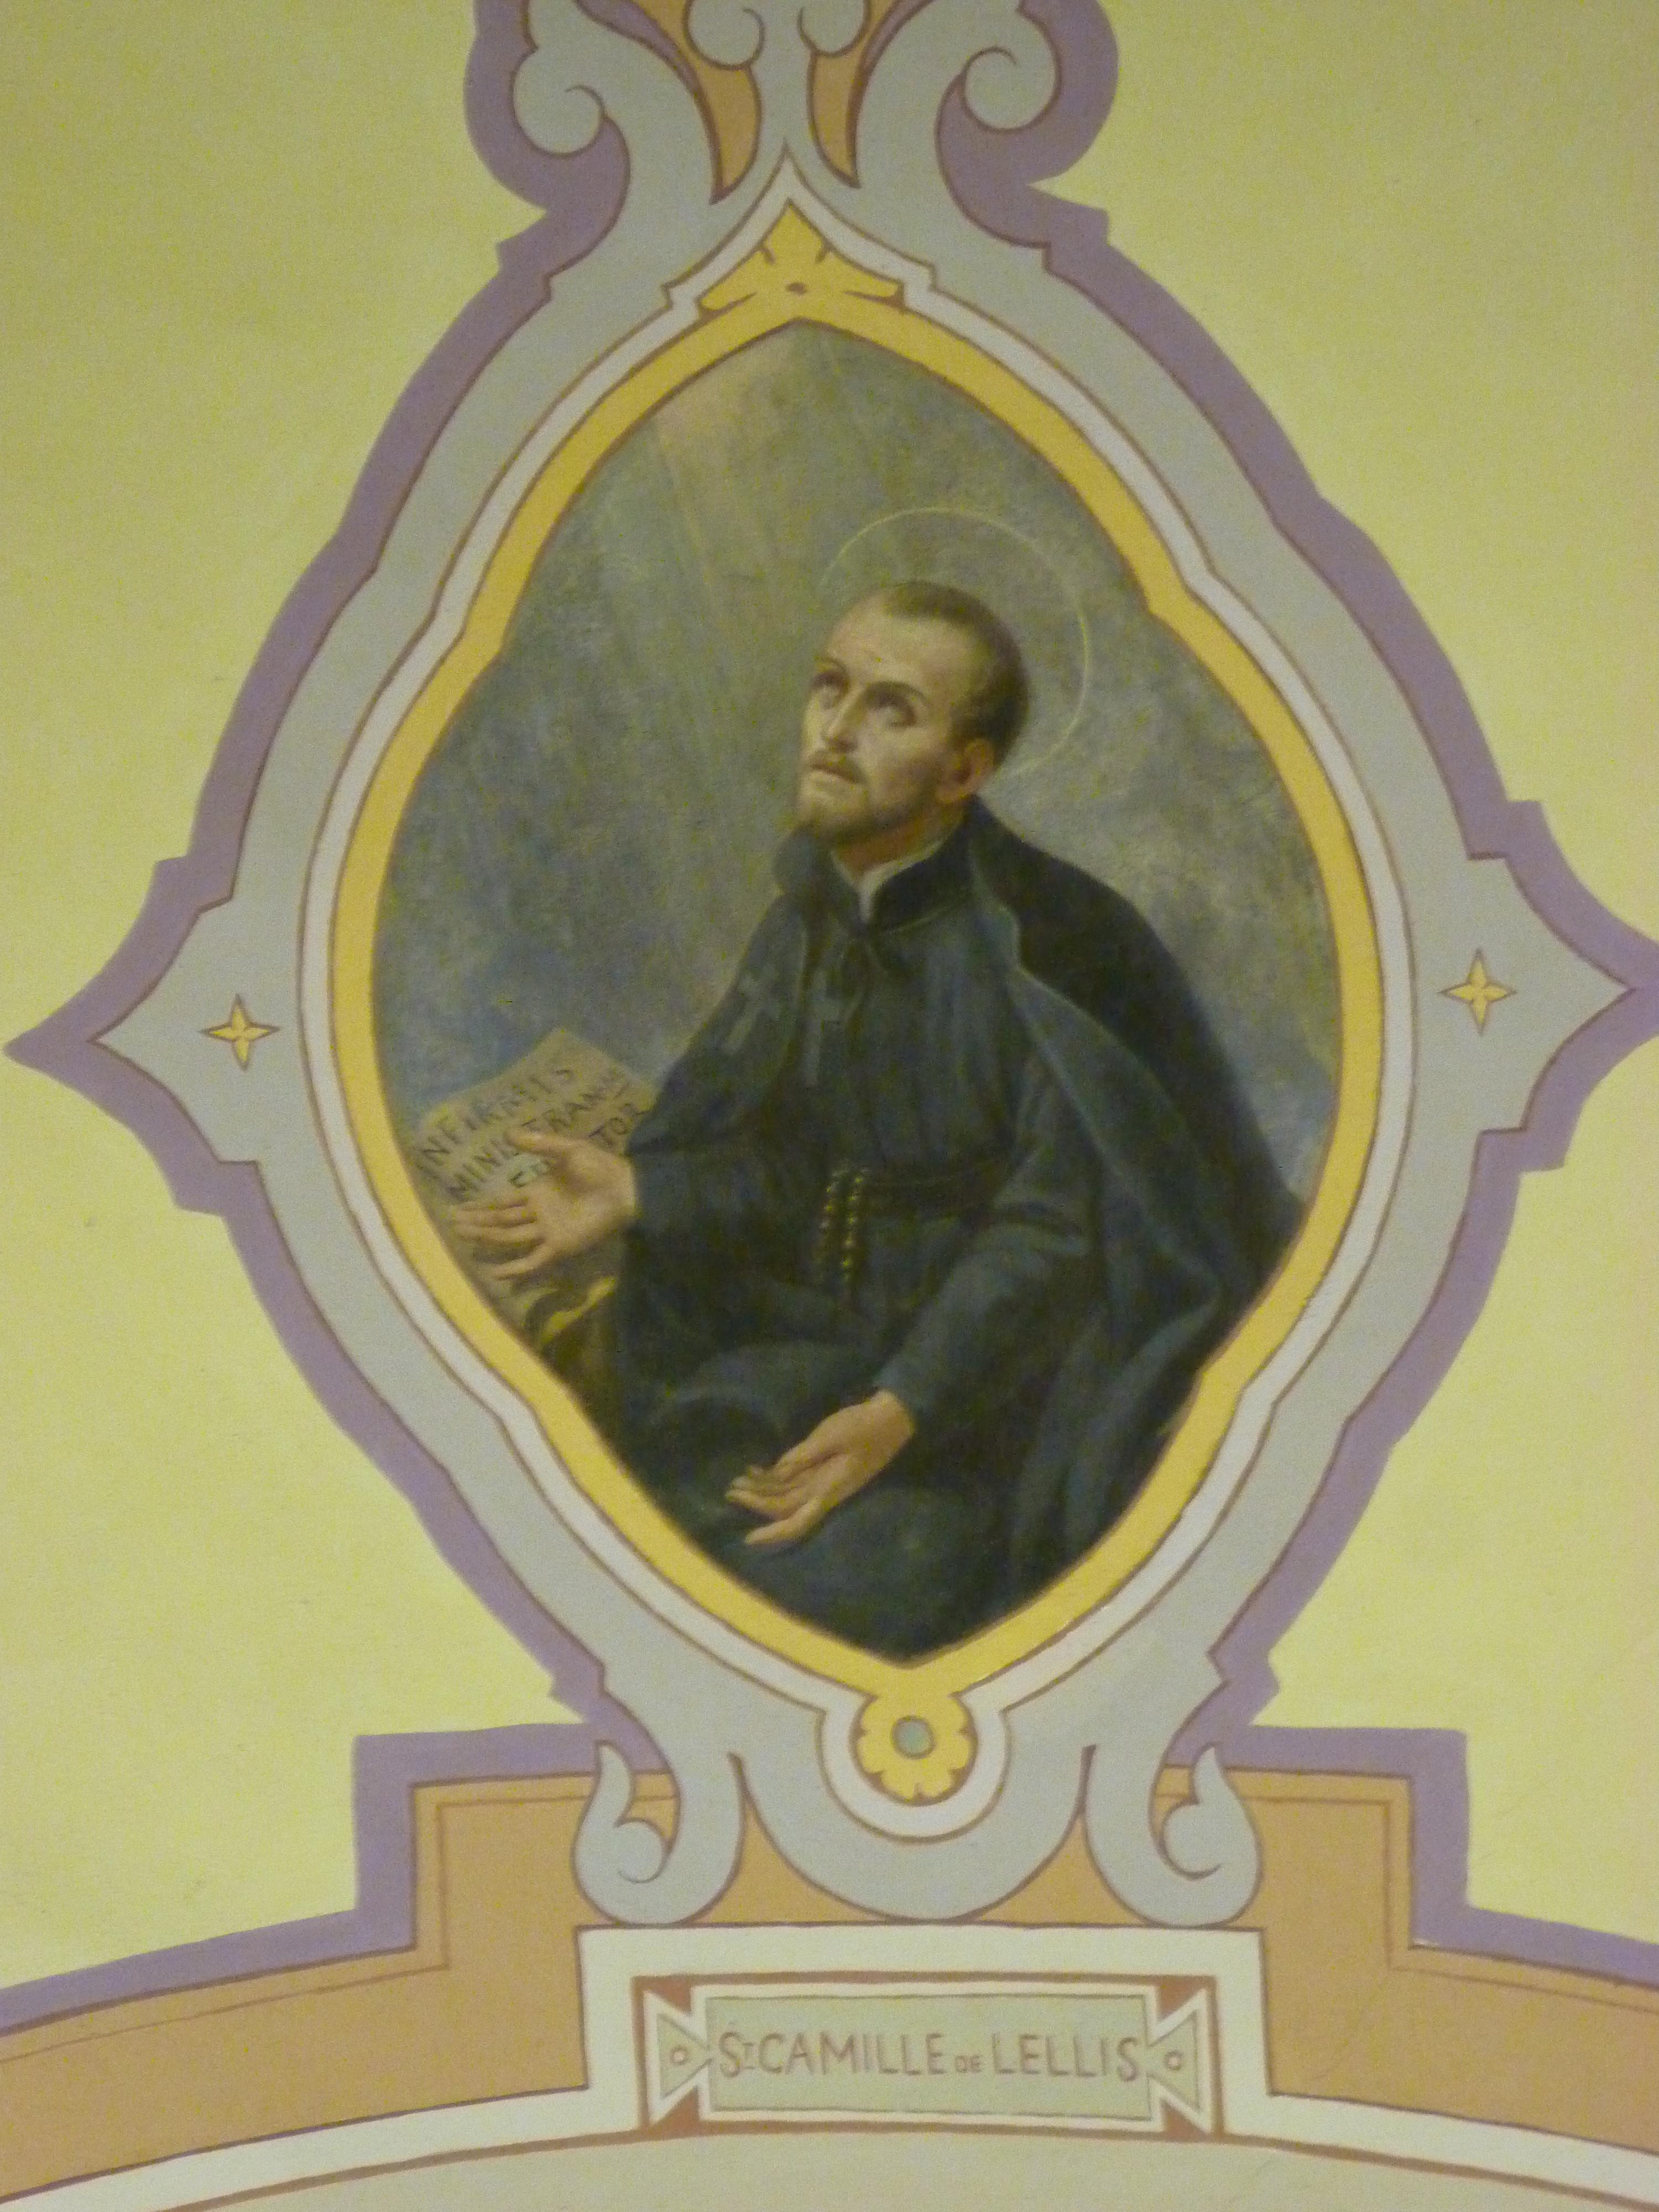 Kamillus Von Lellis